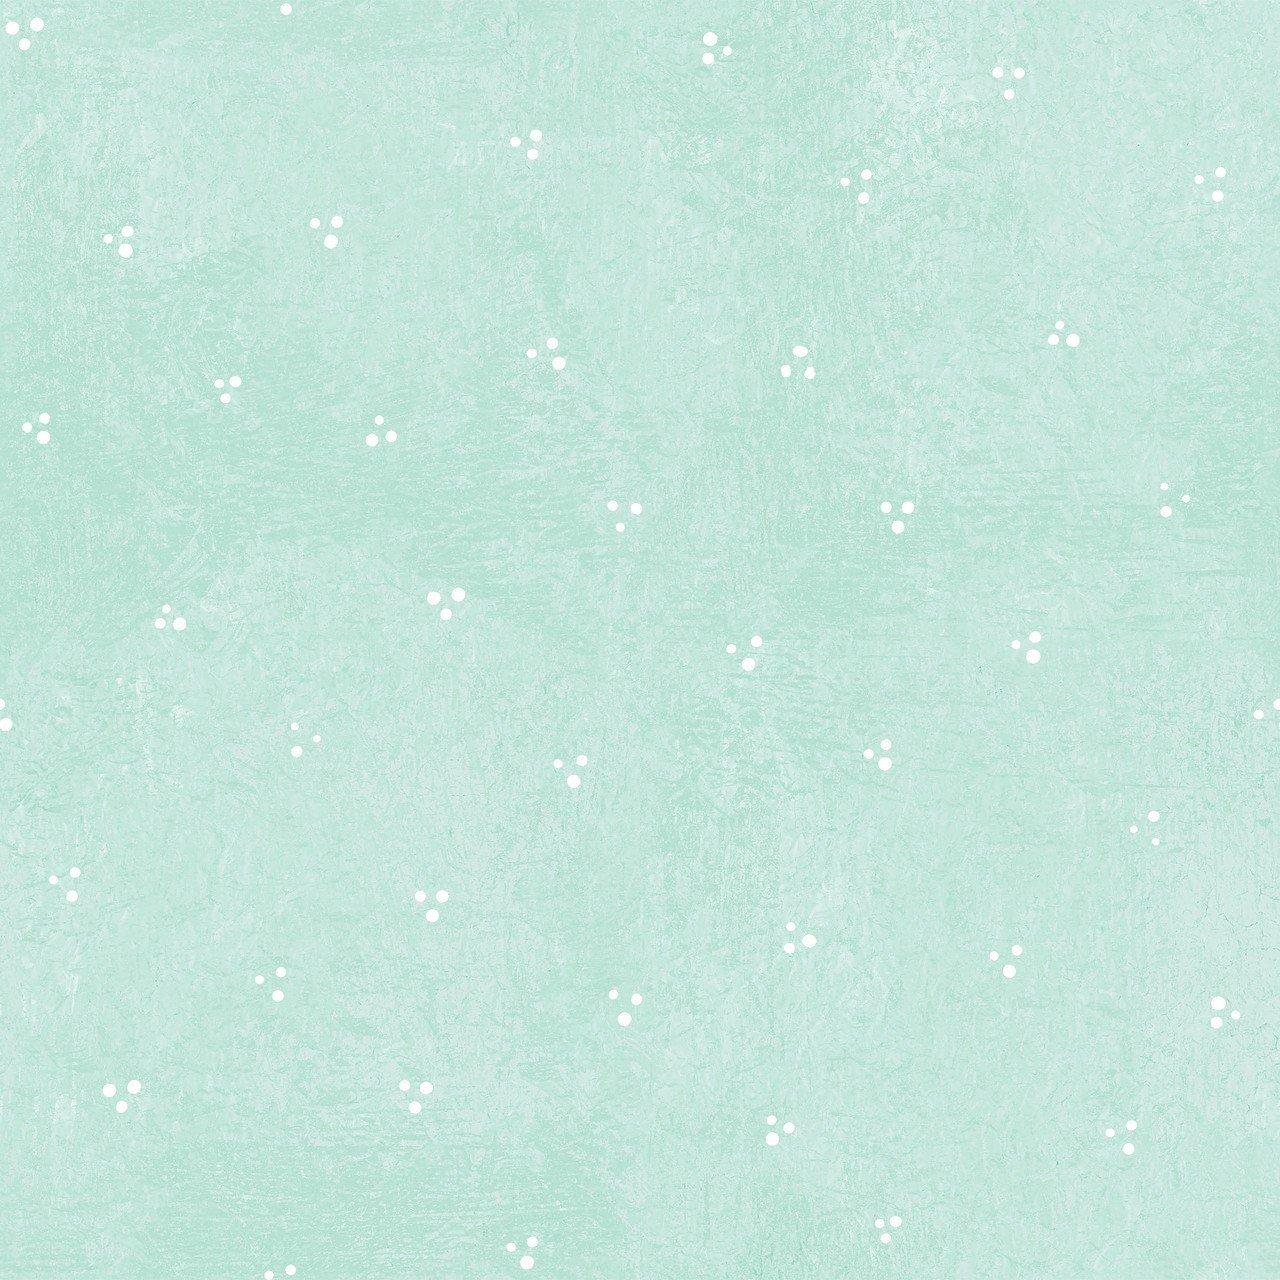 Llamas Dots Aqua Mist